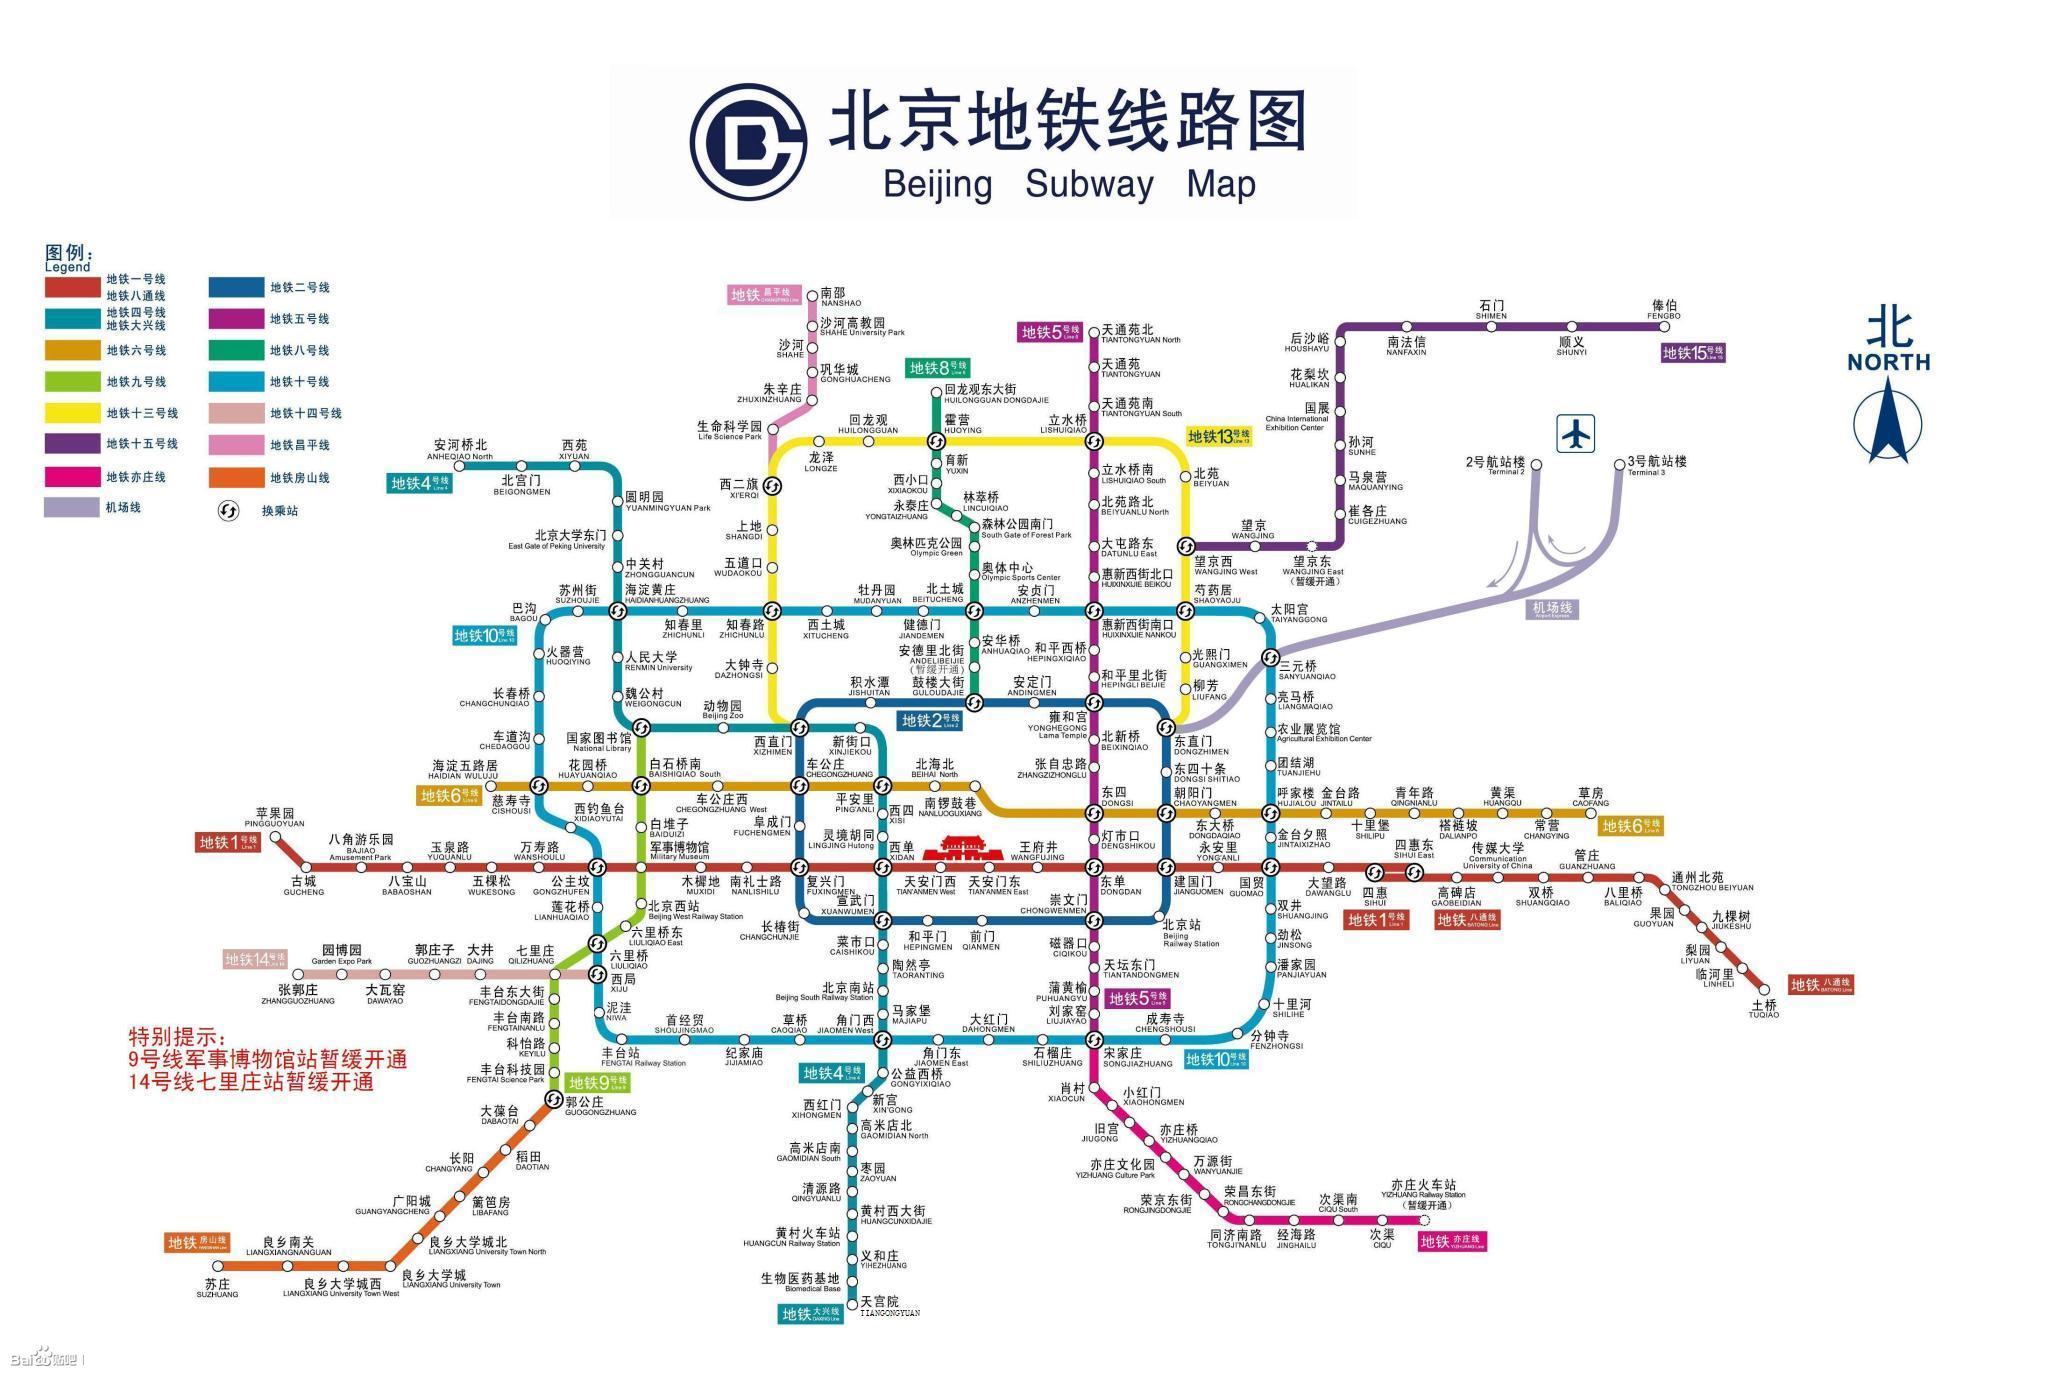 最新北京地铁线路图图片